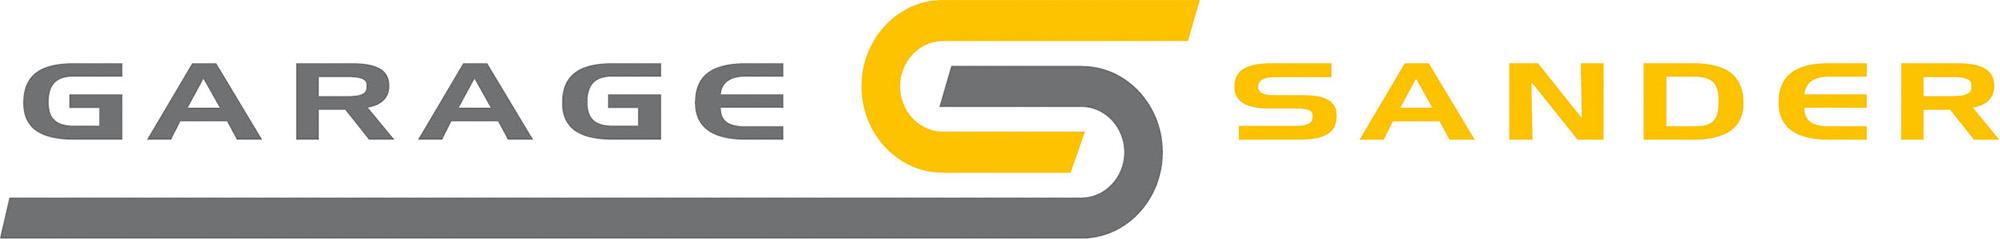 Garage Sander logo